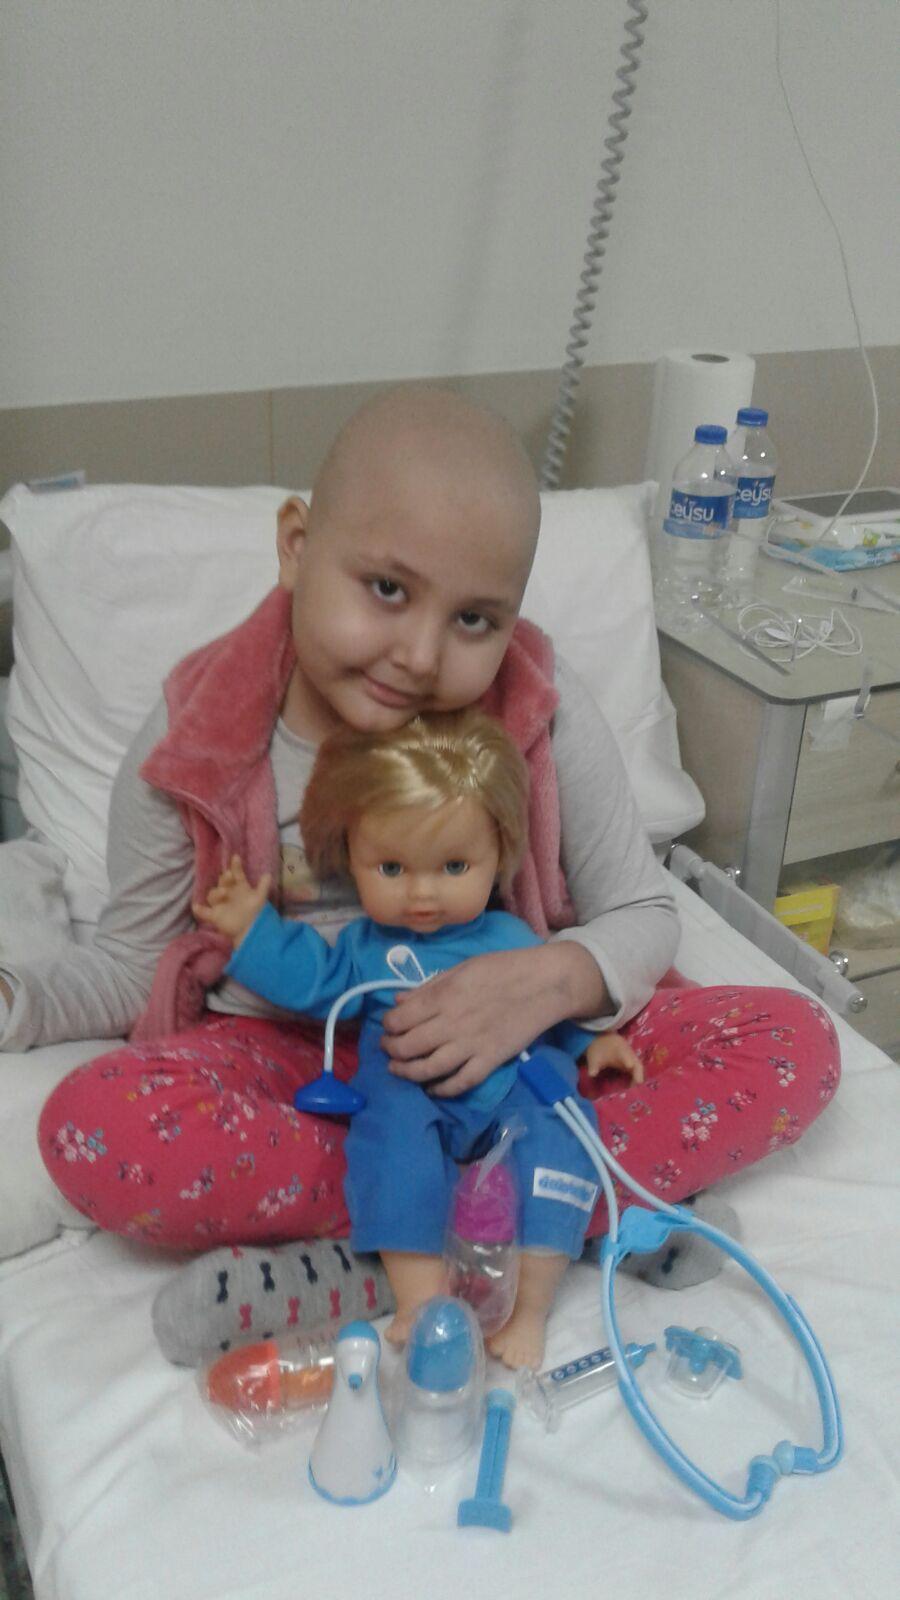 """Kanser hastası çocuğun ilik arayan ailesinden çağrı: """"Zeynep'i birlikte kurtaralım"""""""